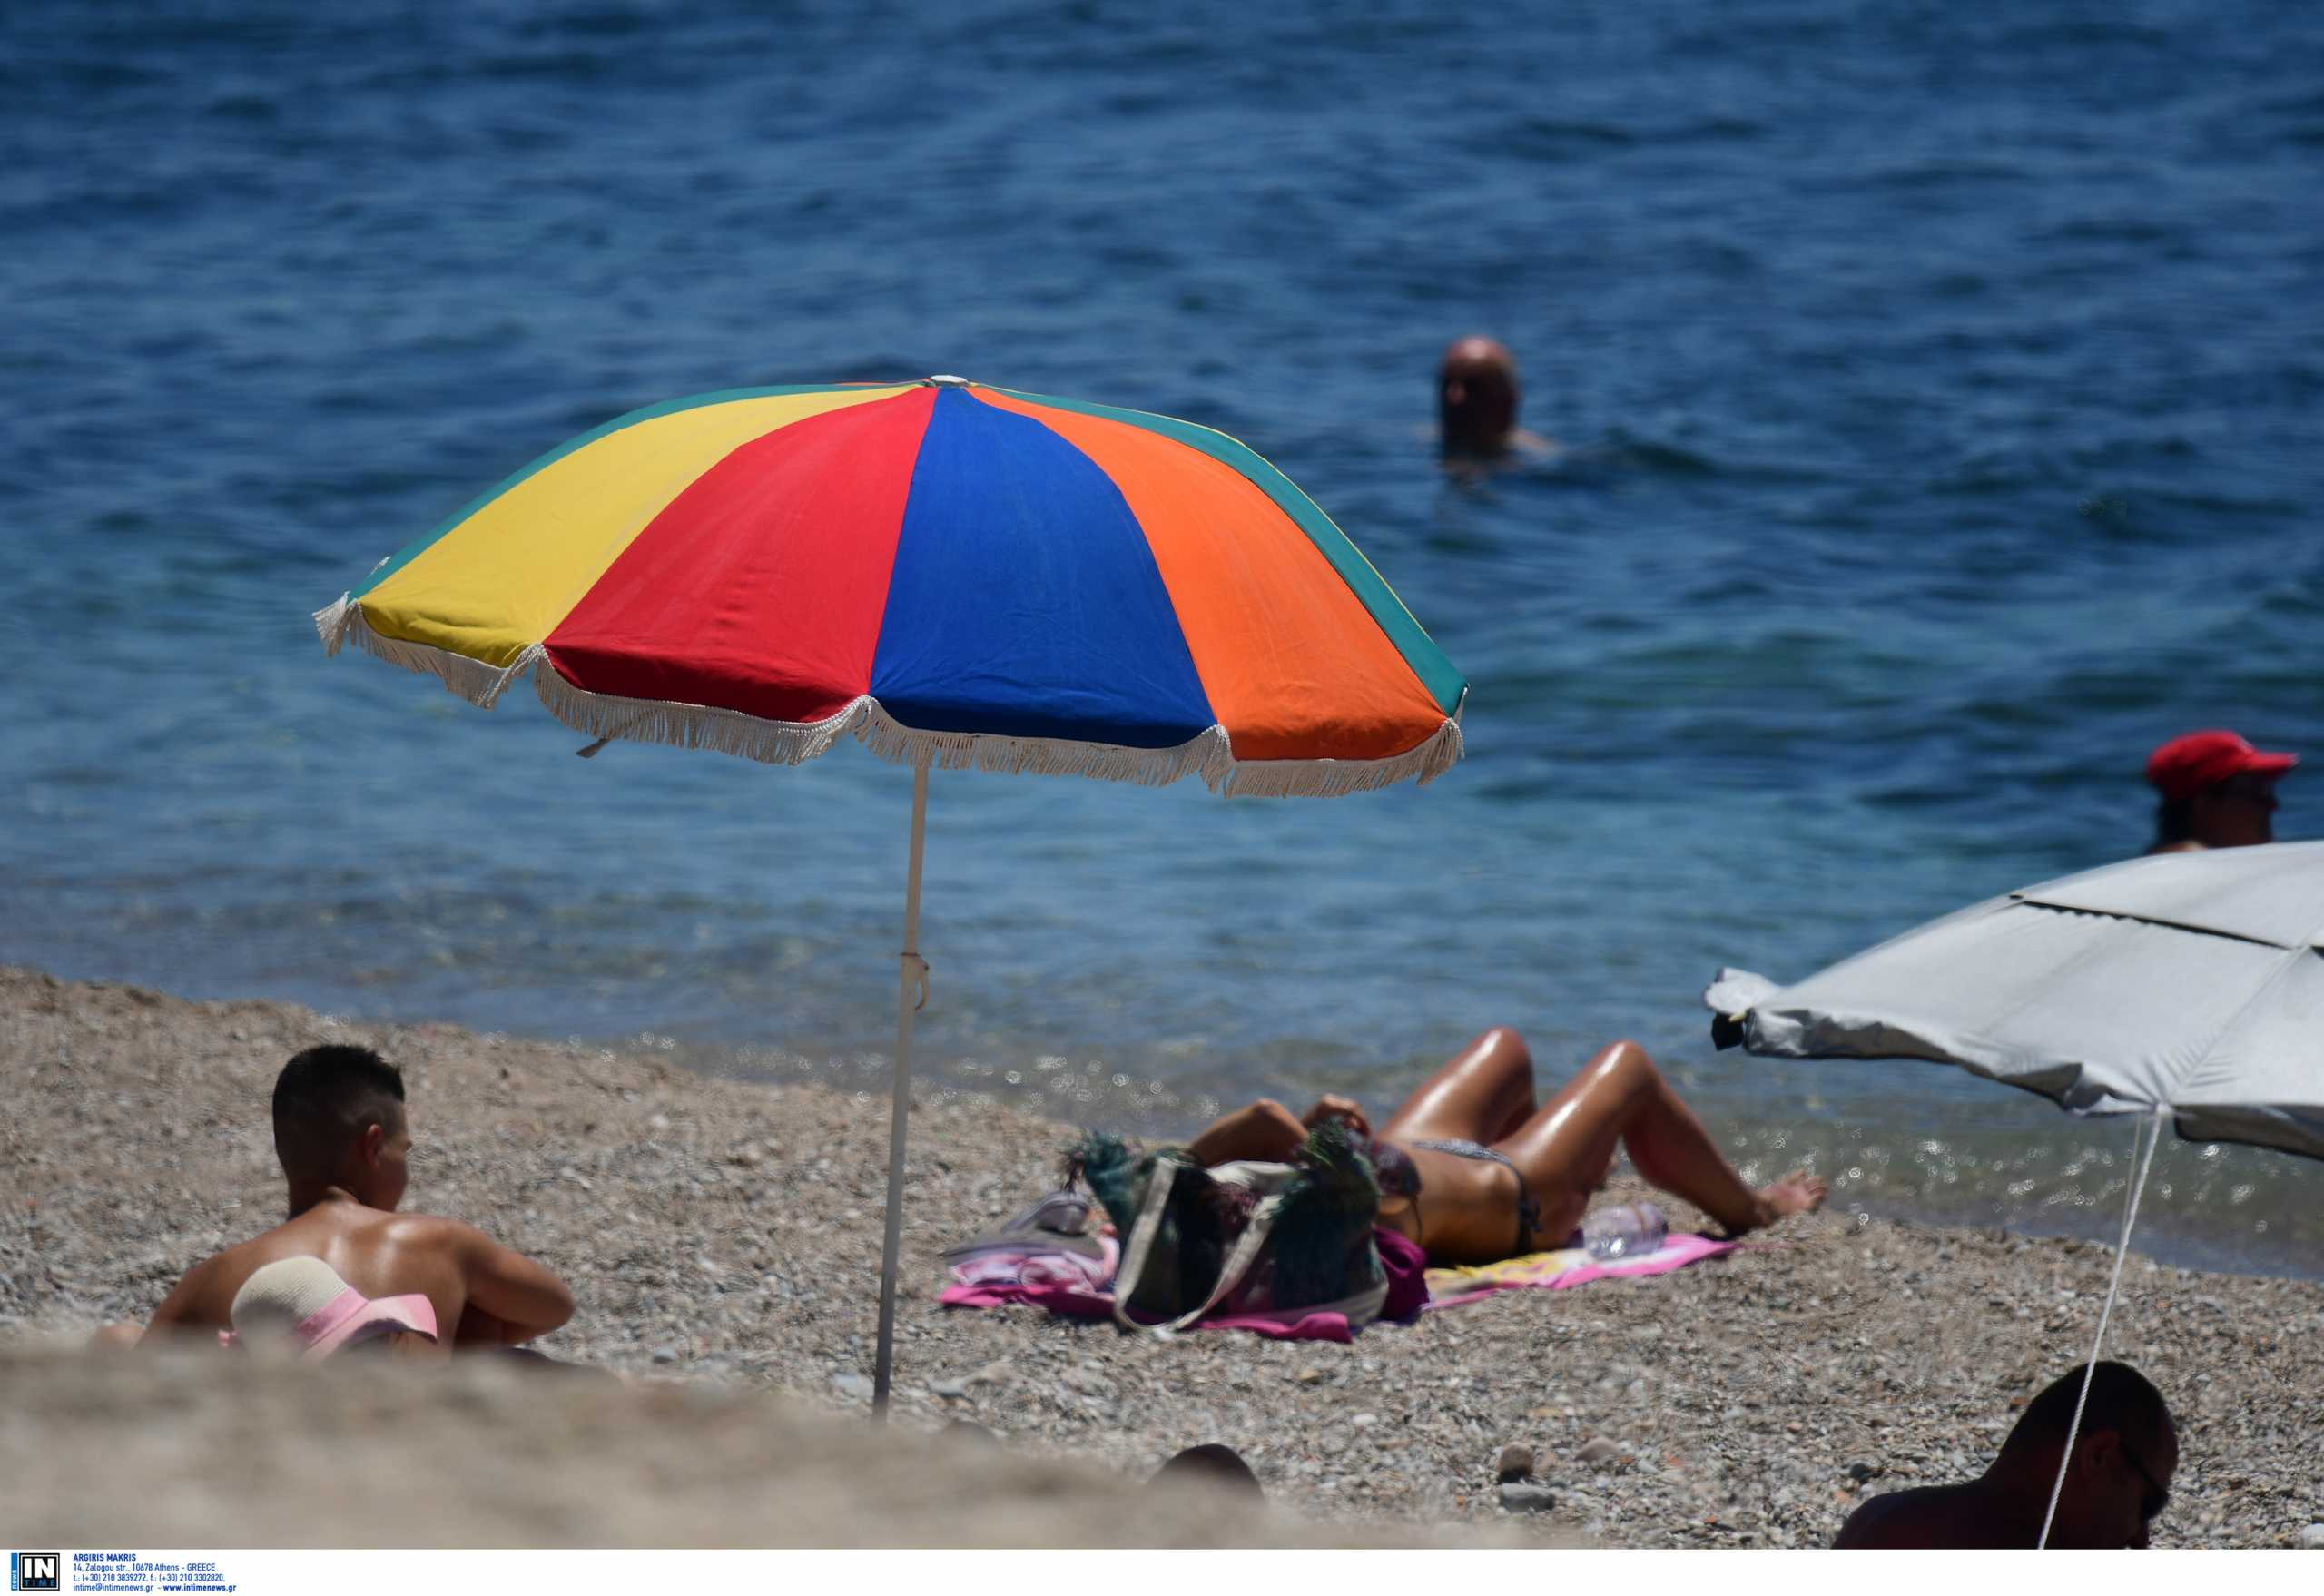 Μεγάλη εβδομάδα σαν καλοκαίρι – Θα «χτυπήσει» μέχρι 37άρι